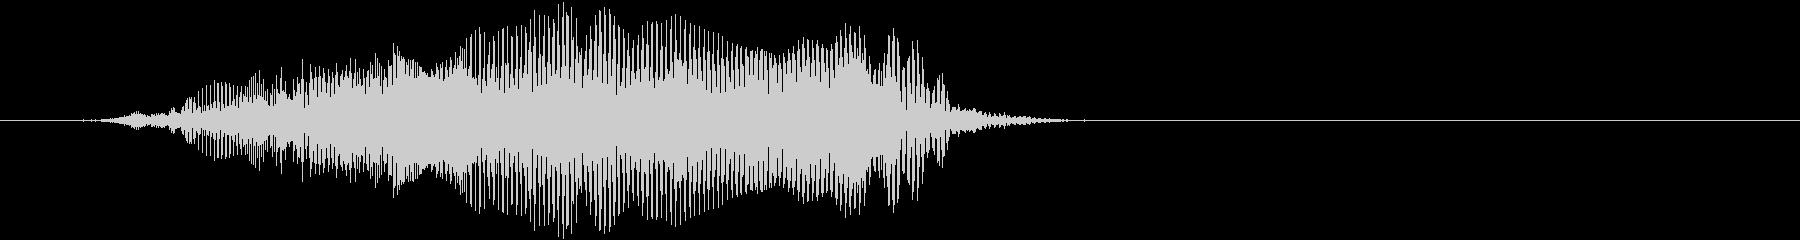 「猫の鳴き声007」にゃーおver5の未再生の波形